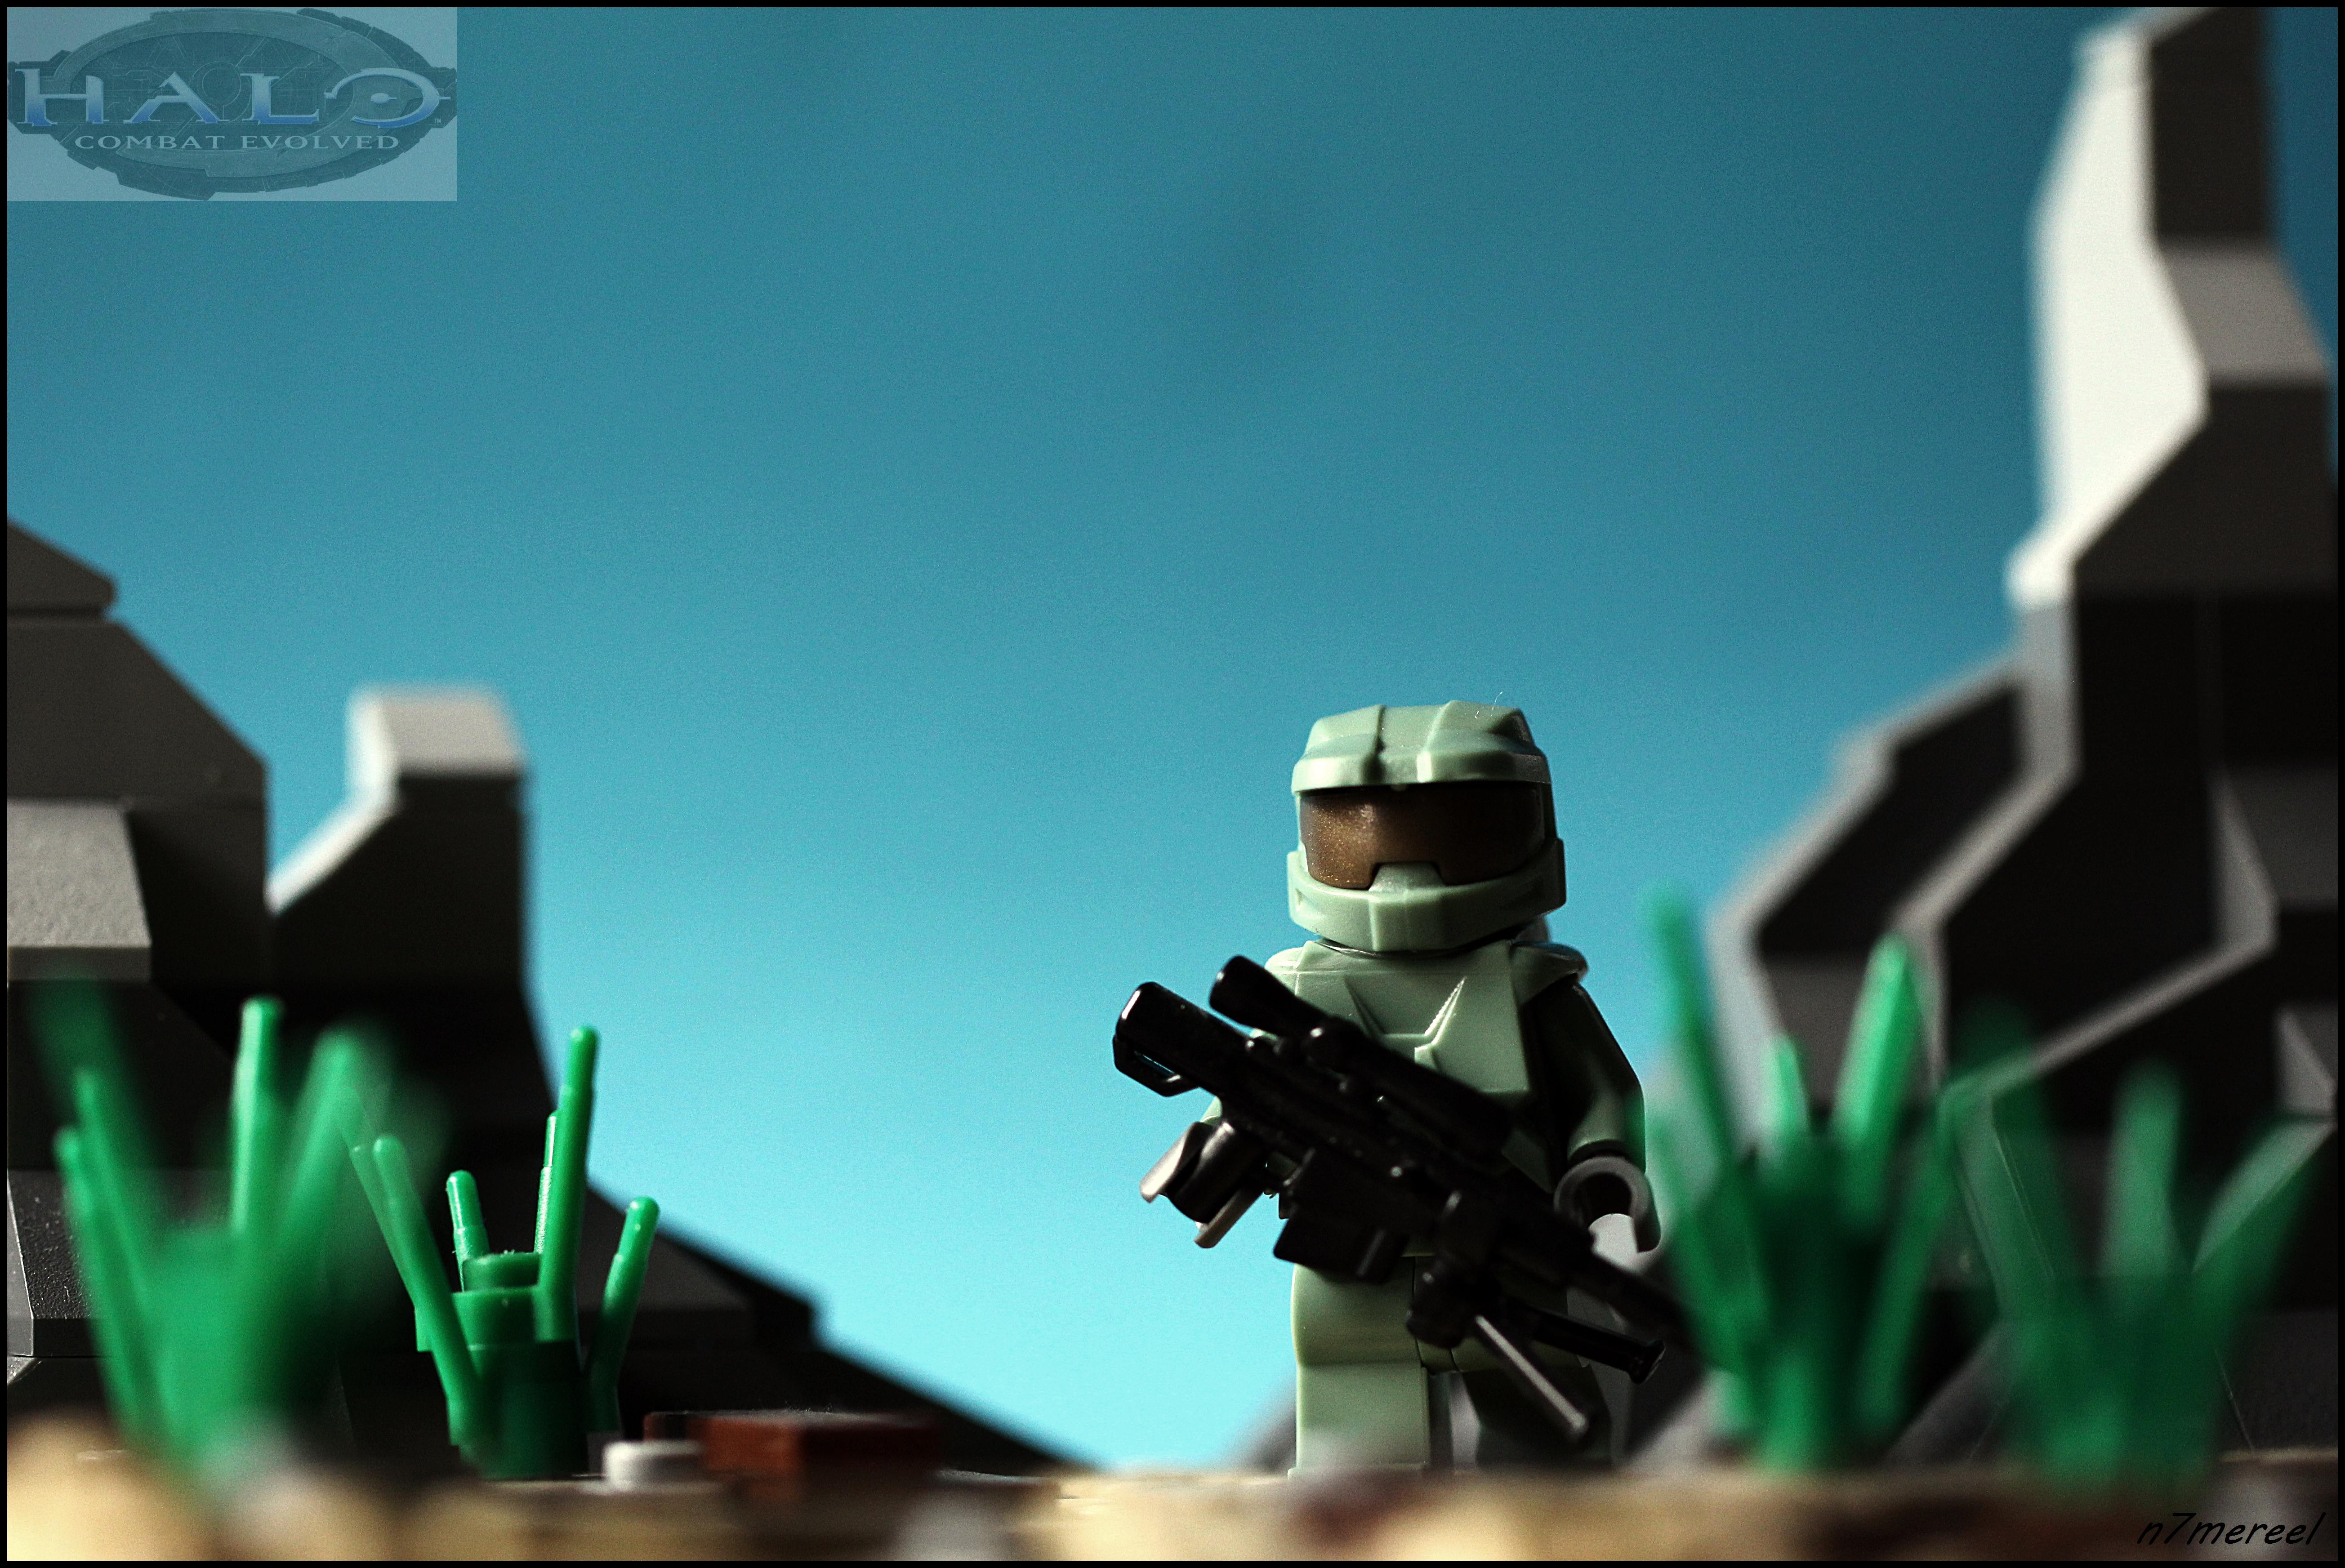 Sfondi Cielo Macro Soldato Lego Canone Alone Tecnologia N7